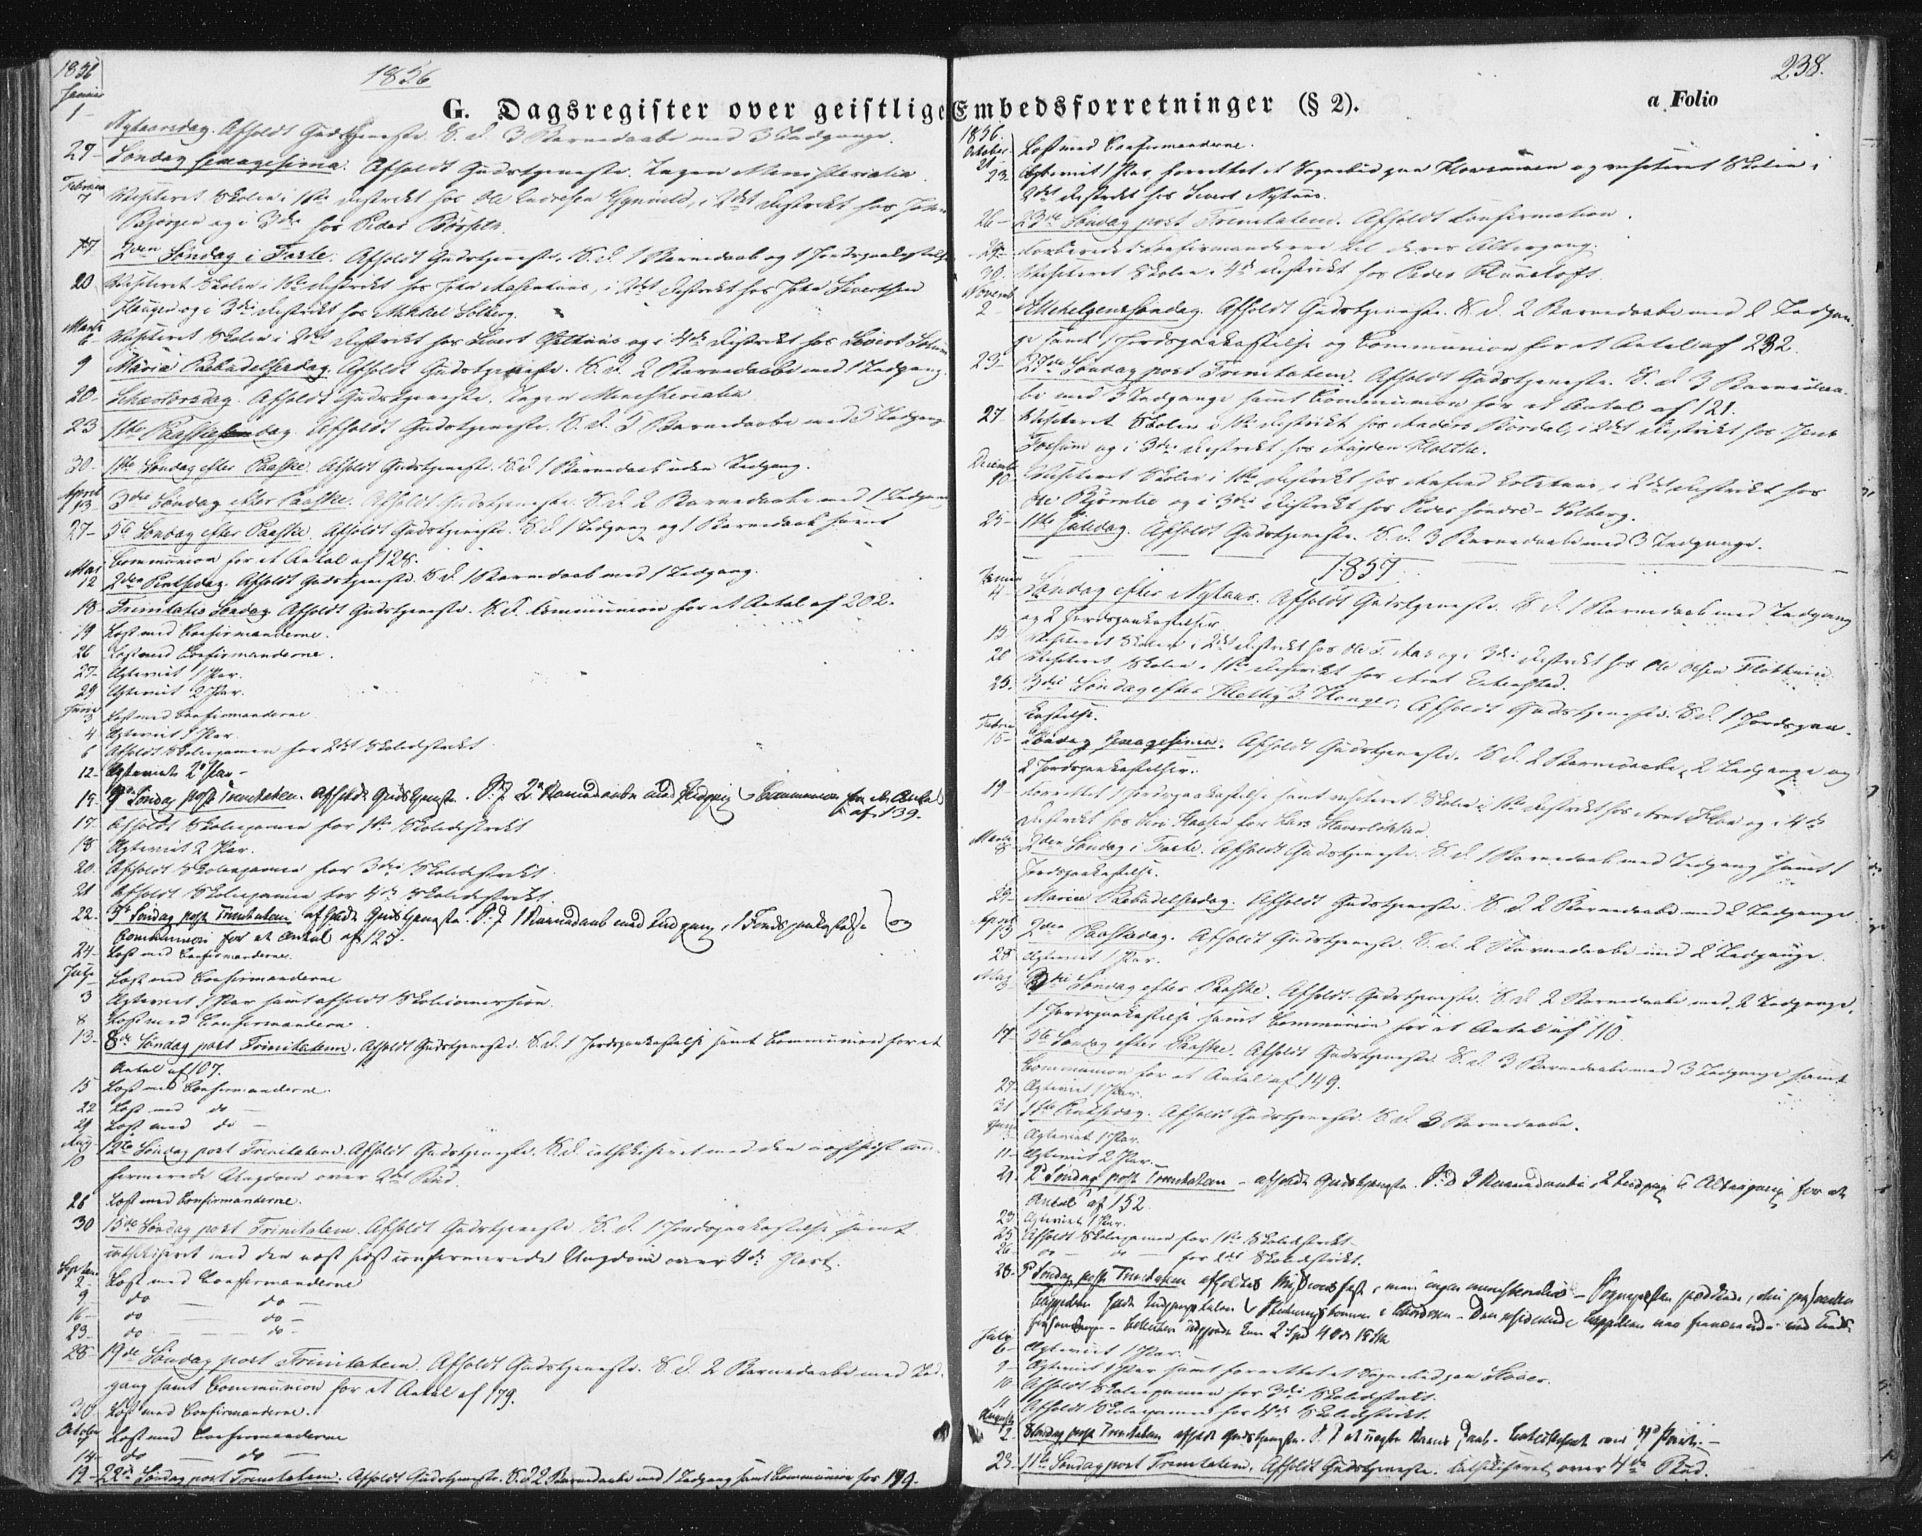 SAT, Ministerialprotokoller, klokkerbøker og fødselsregistre - Sør-Trøndelag, 689/L1038: Ministerialbok nr. 689A03, 1848-1872, s. 238